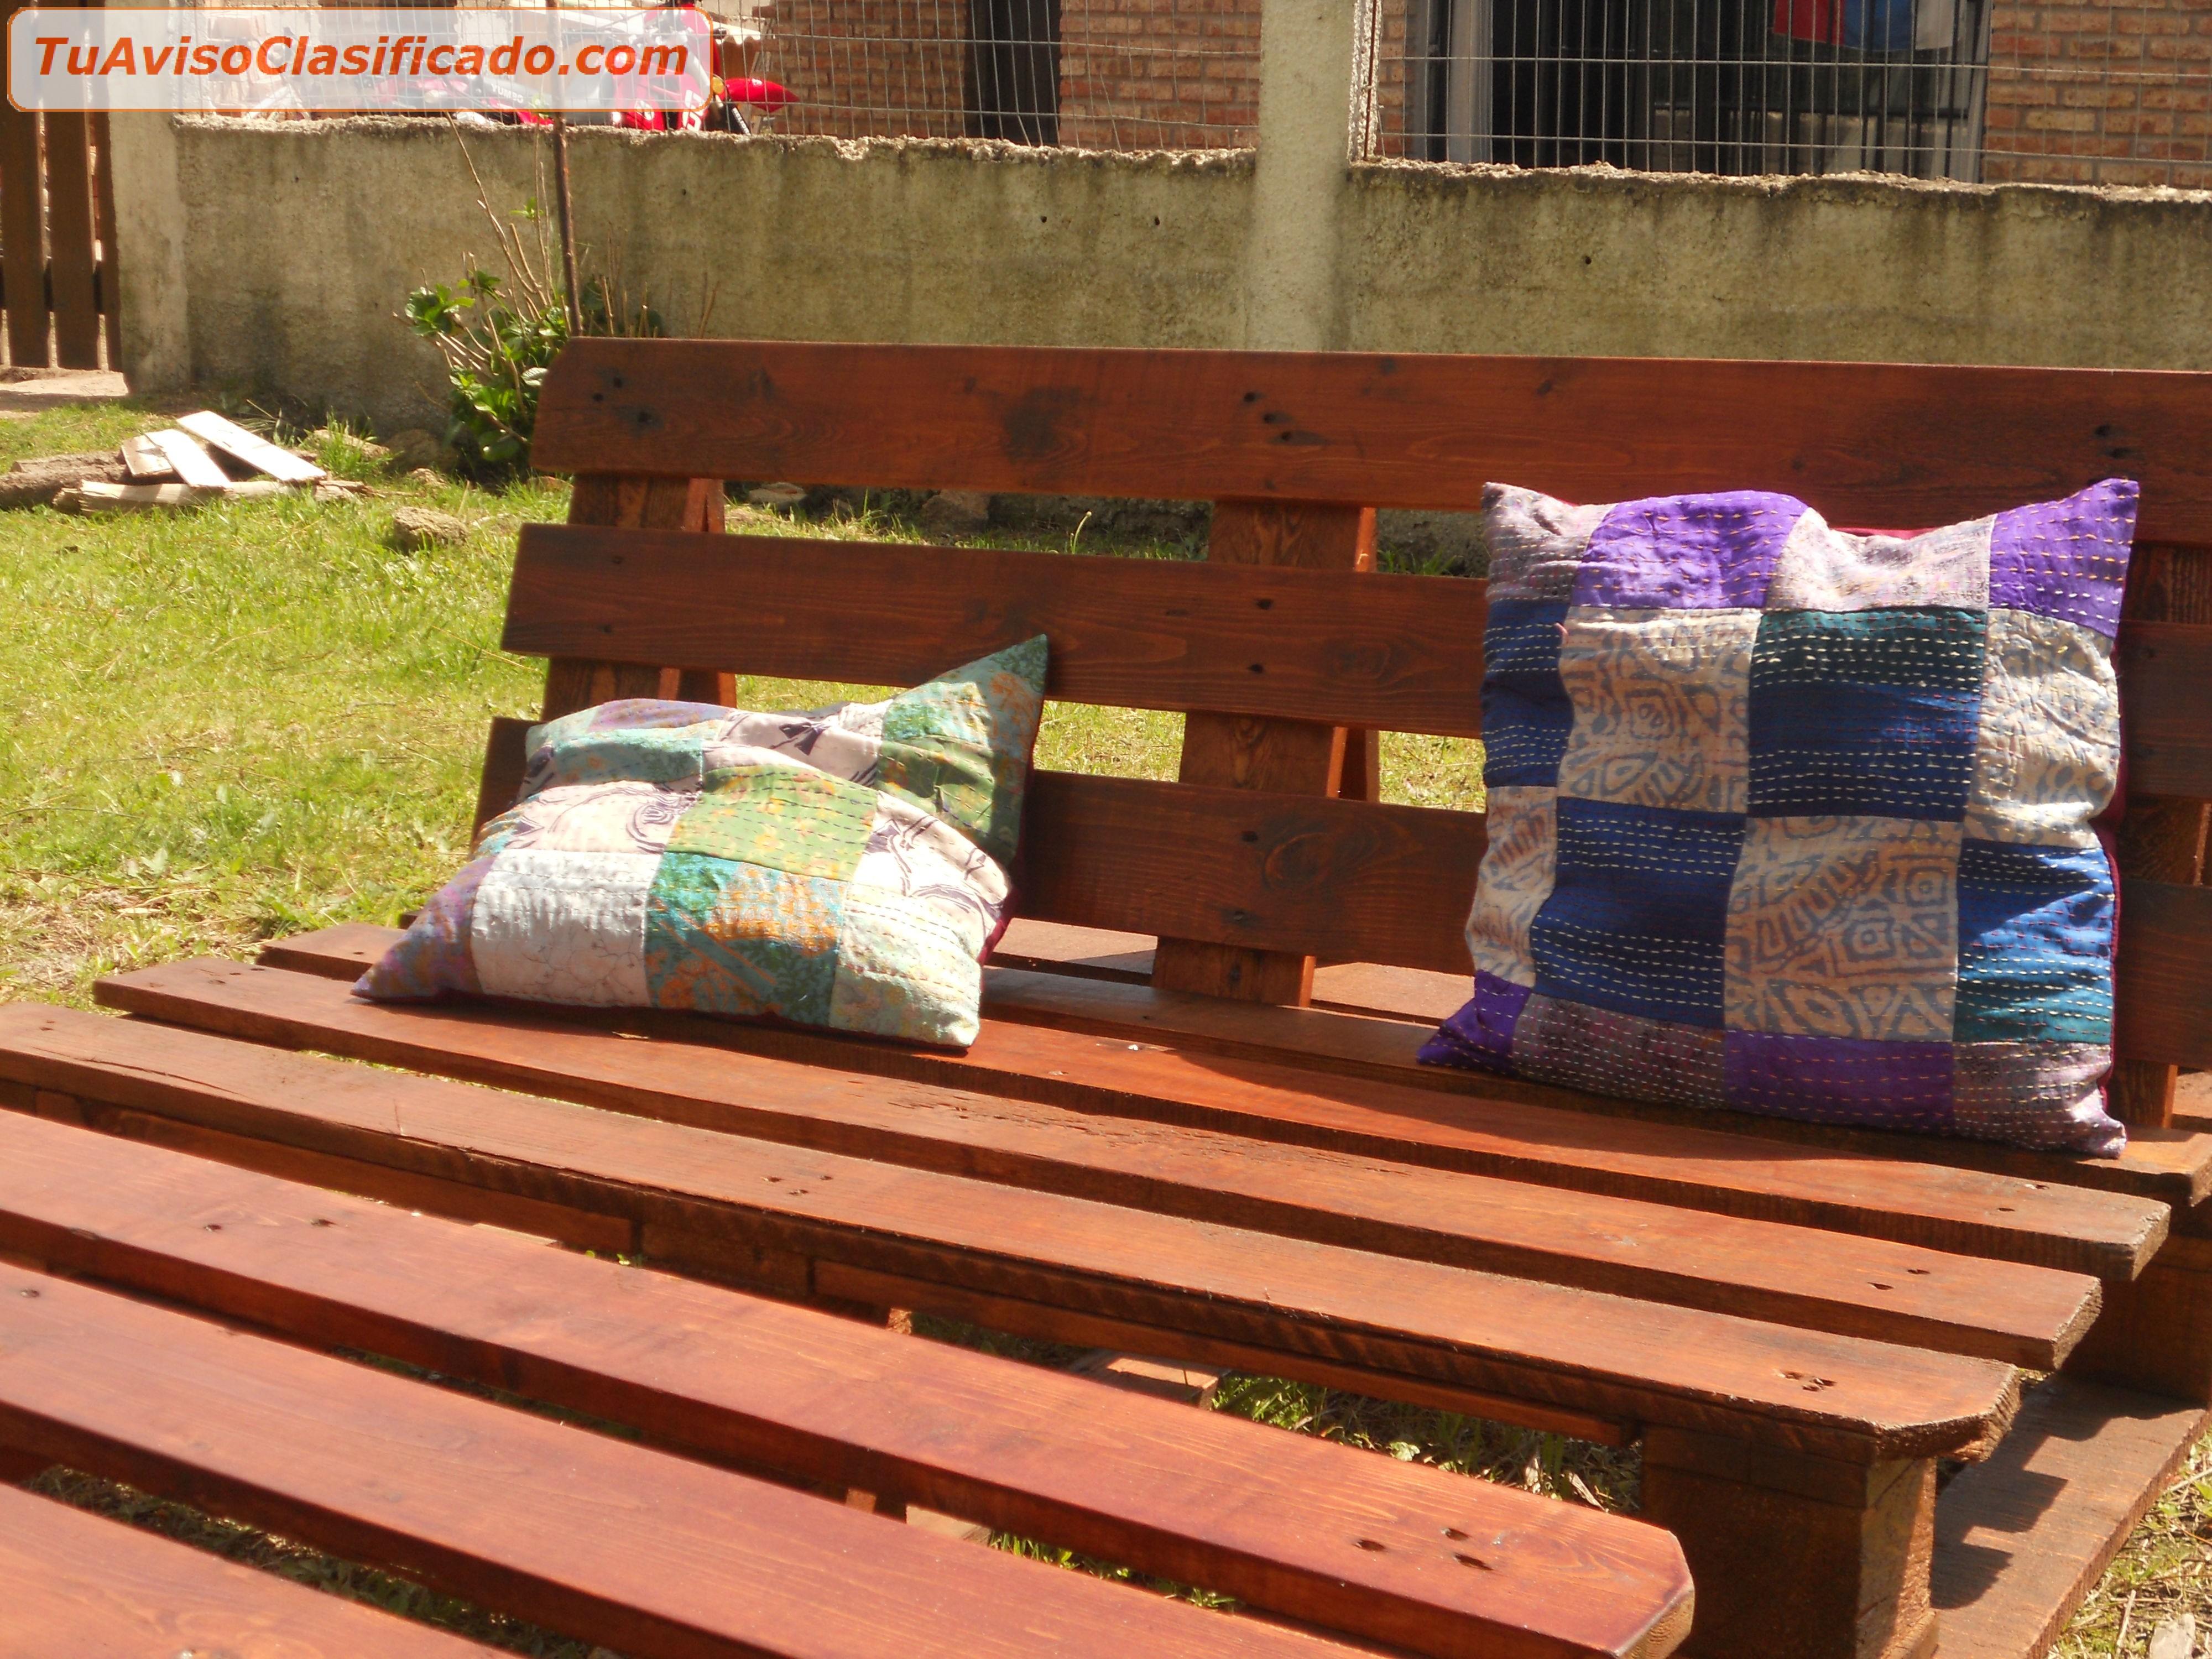 Mesa de camping con palet hogar y muebles otros dpto can for Juegos de jardin divino